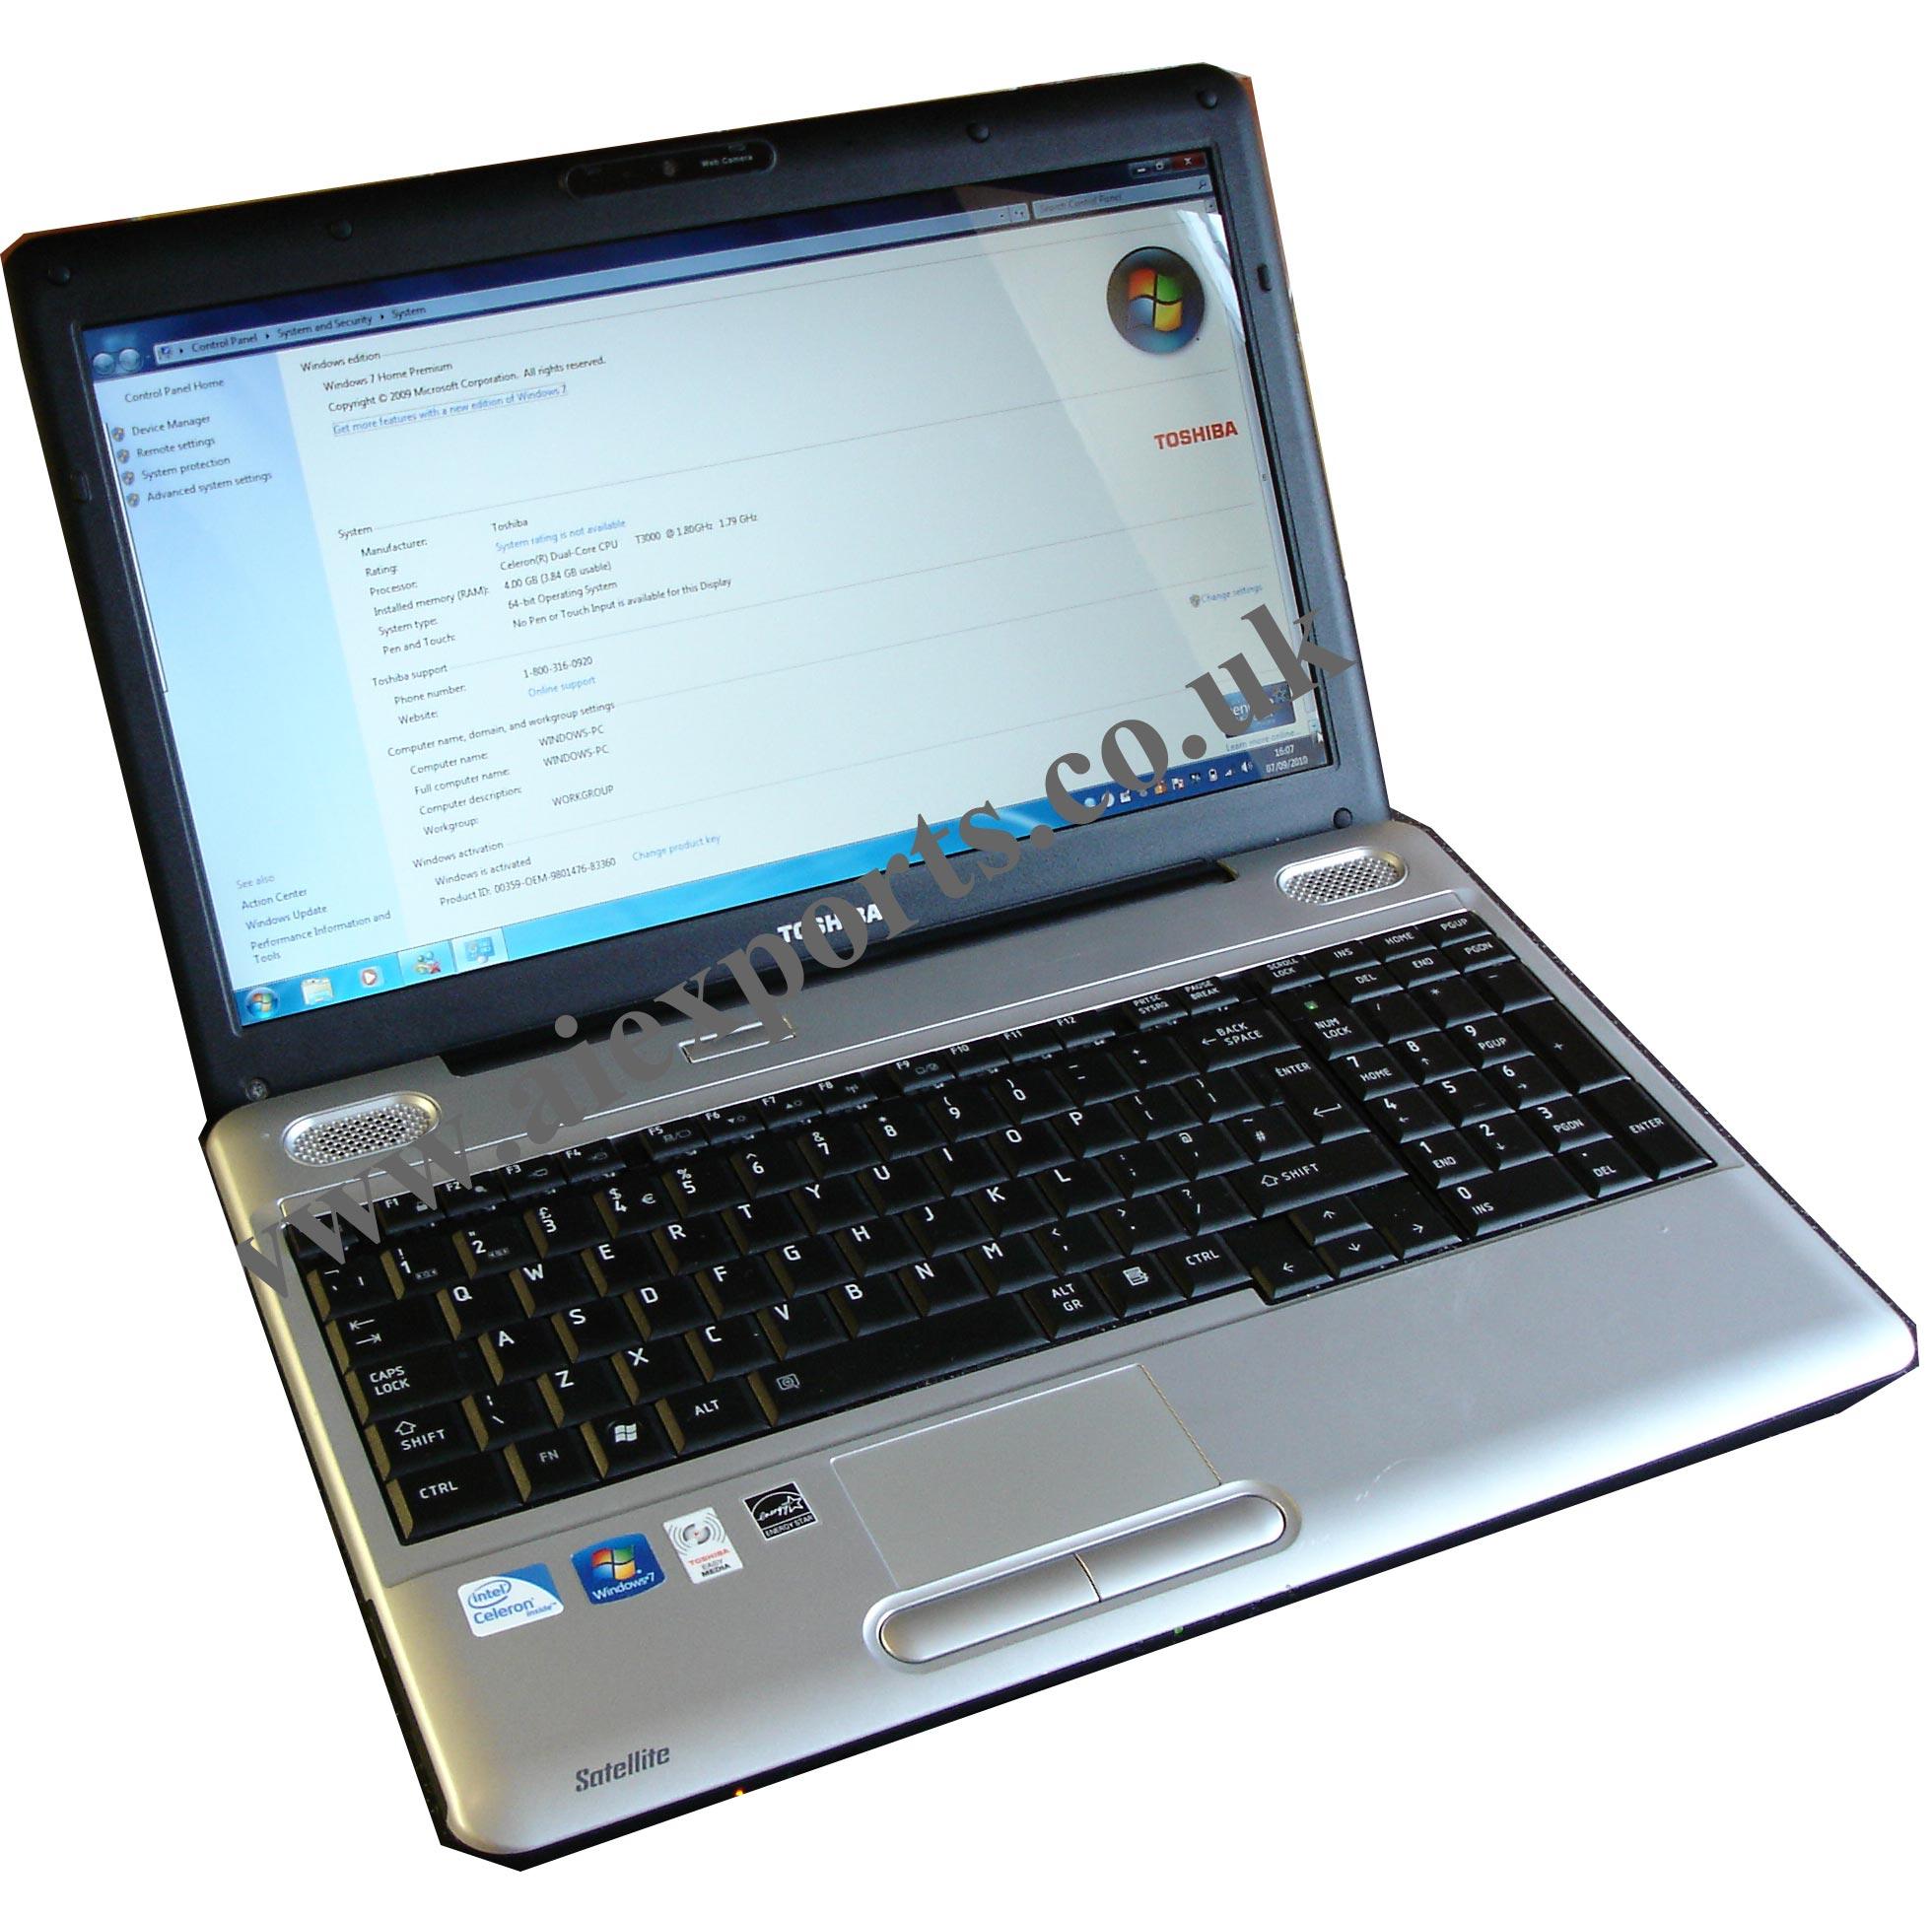 Toshiba Satellit L500 4GB Hard Drive 320GB Ram Webcam